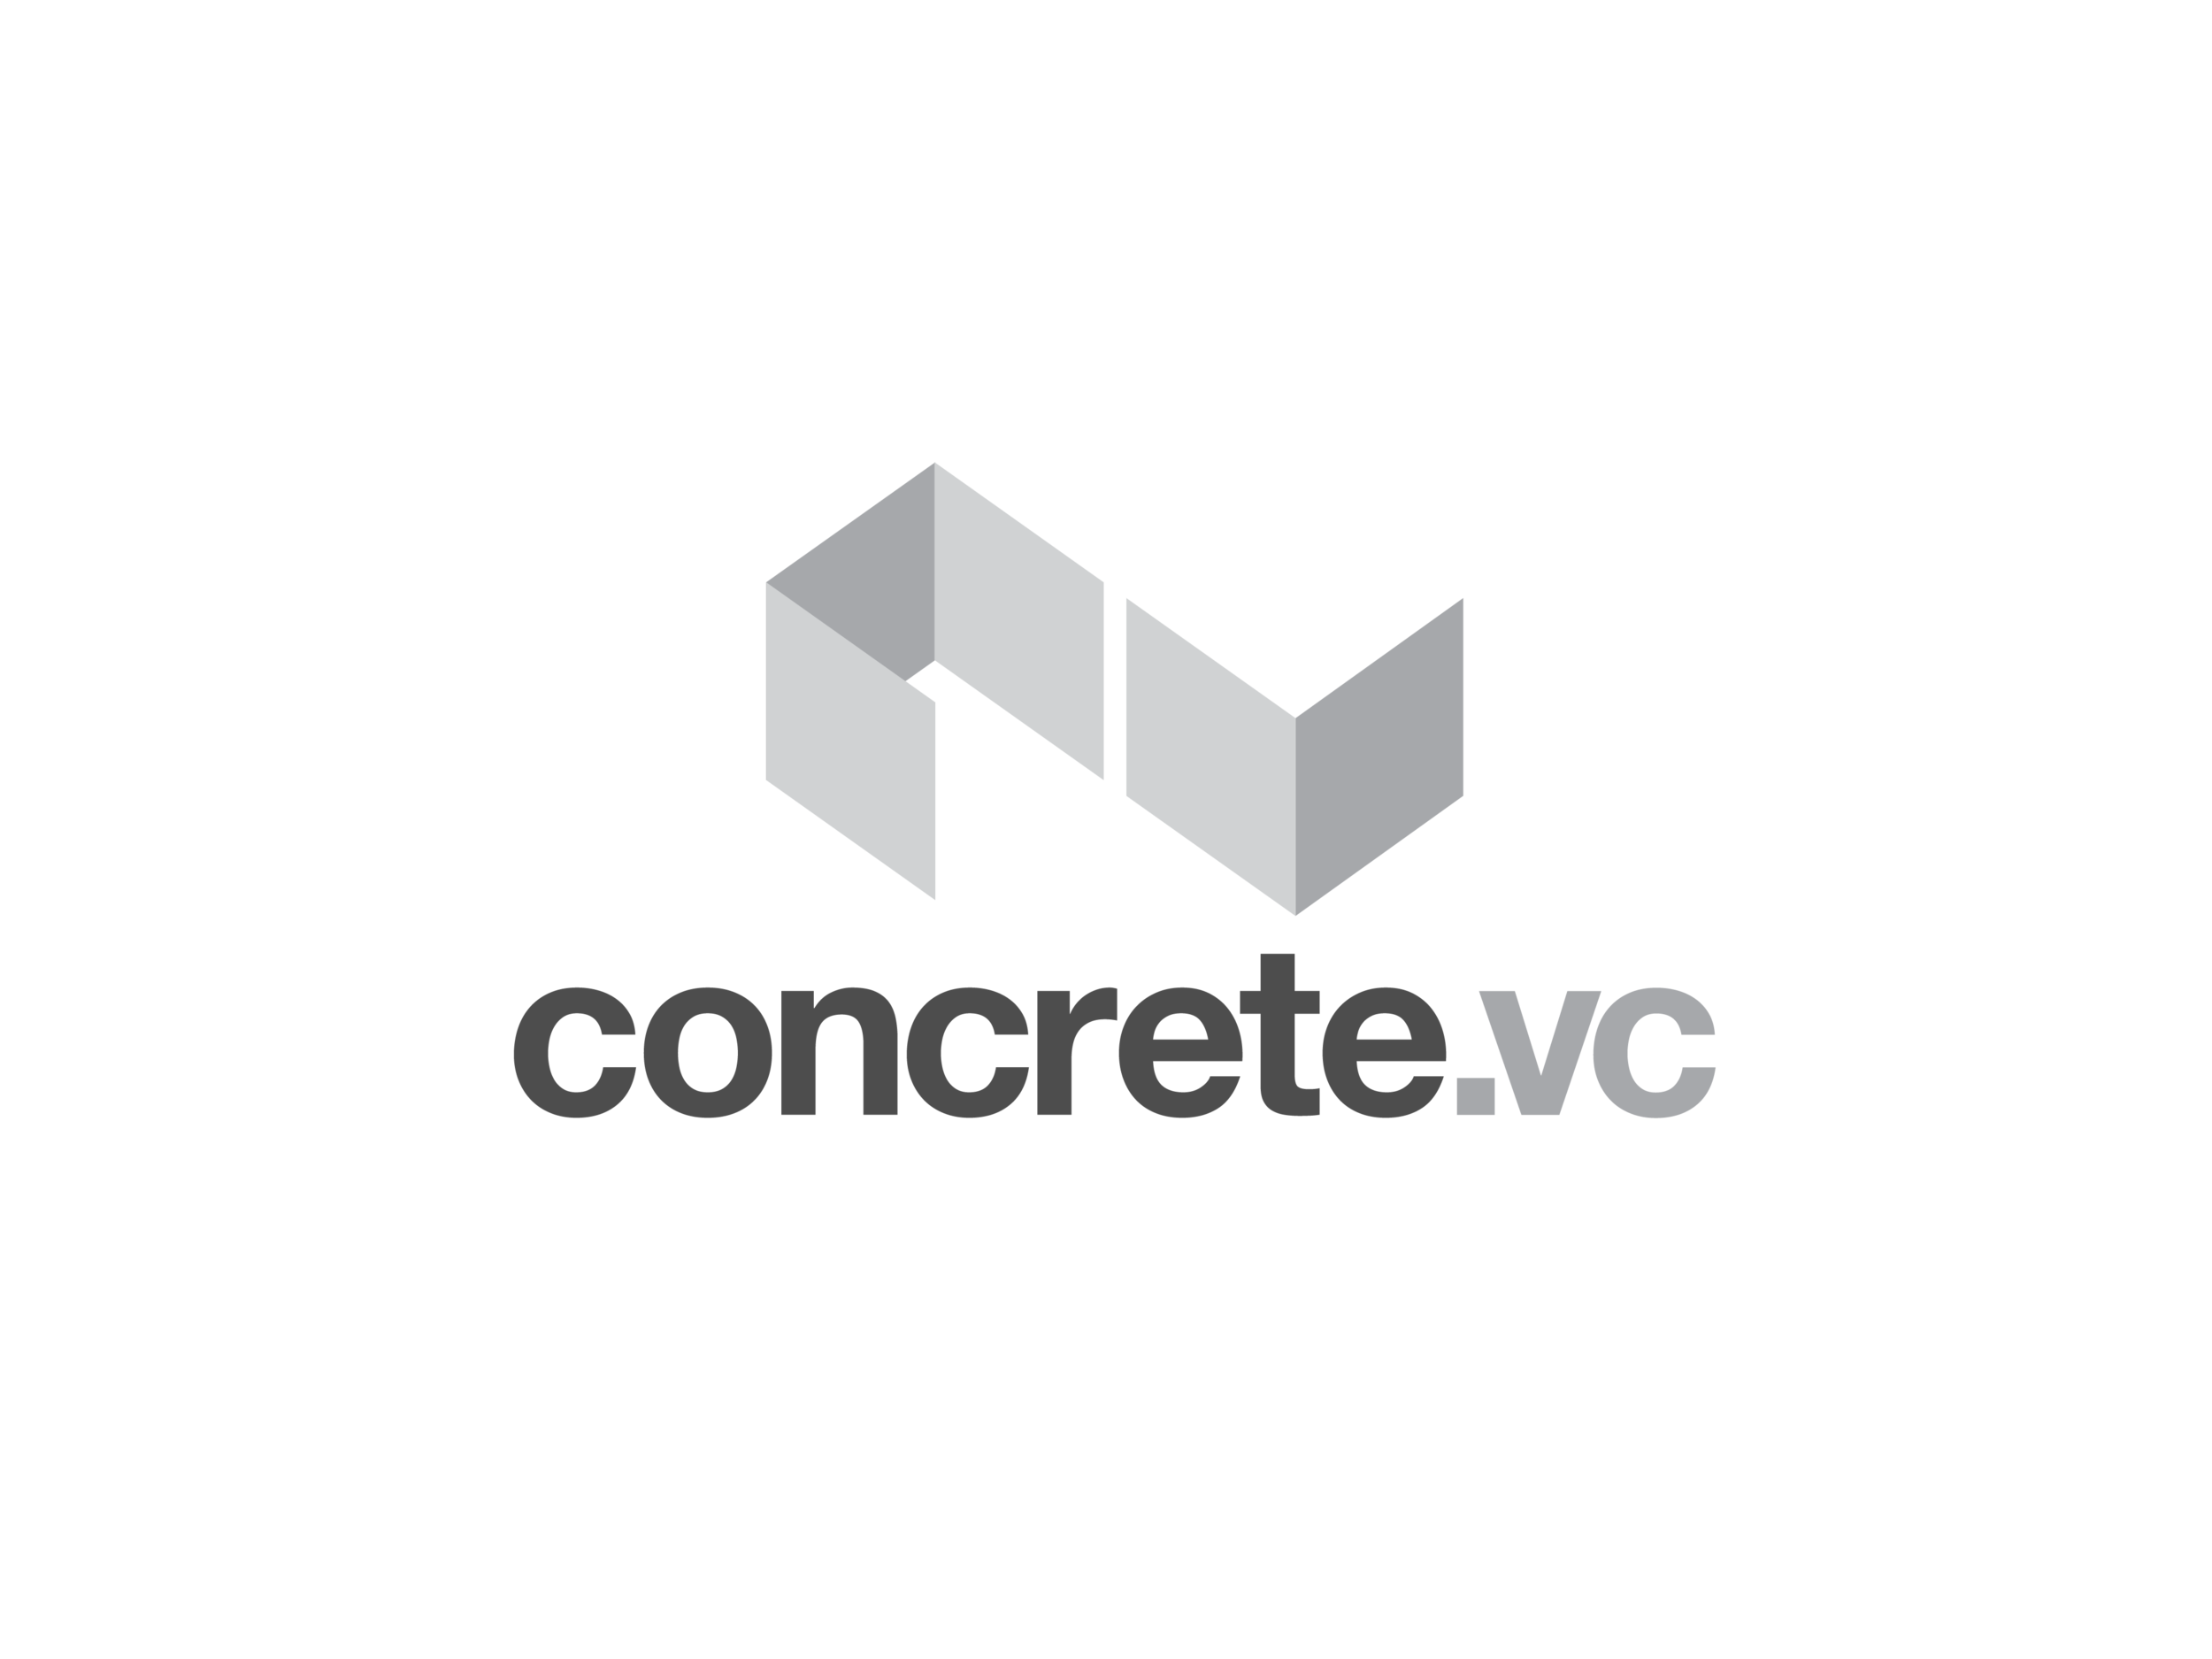 180731 Concrete VC Logo_Concrete VC Domain.png